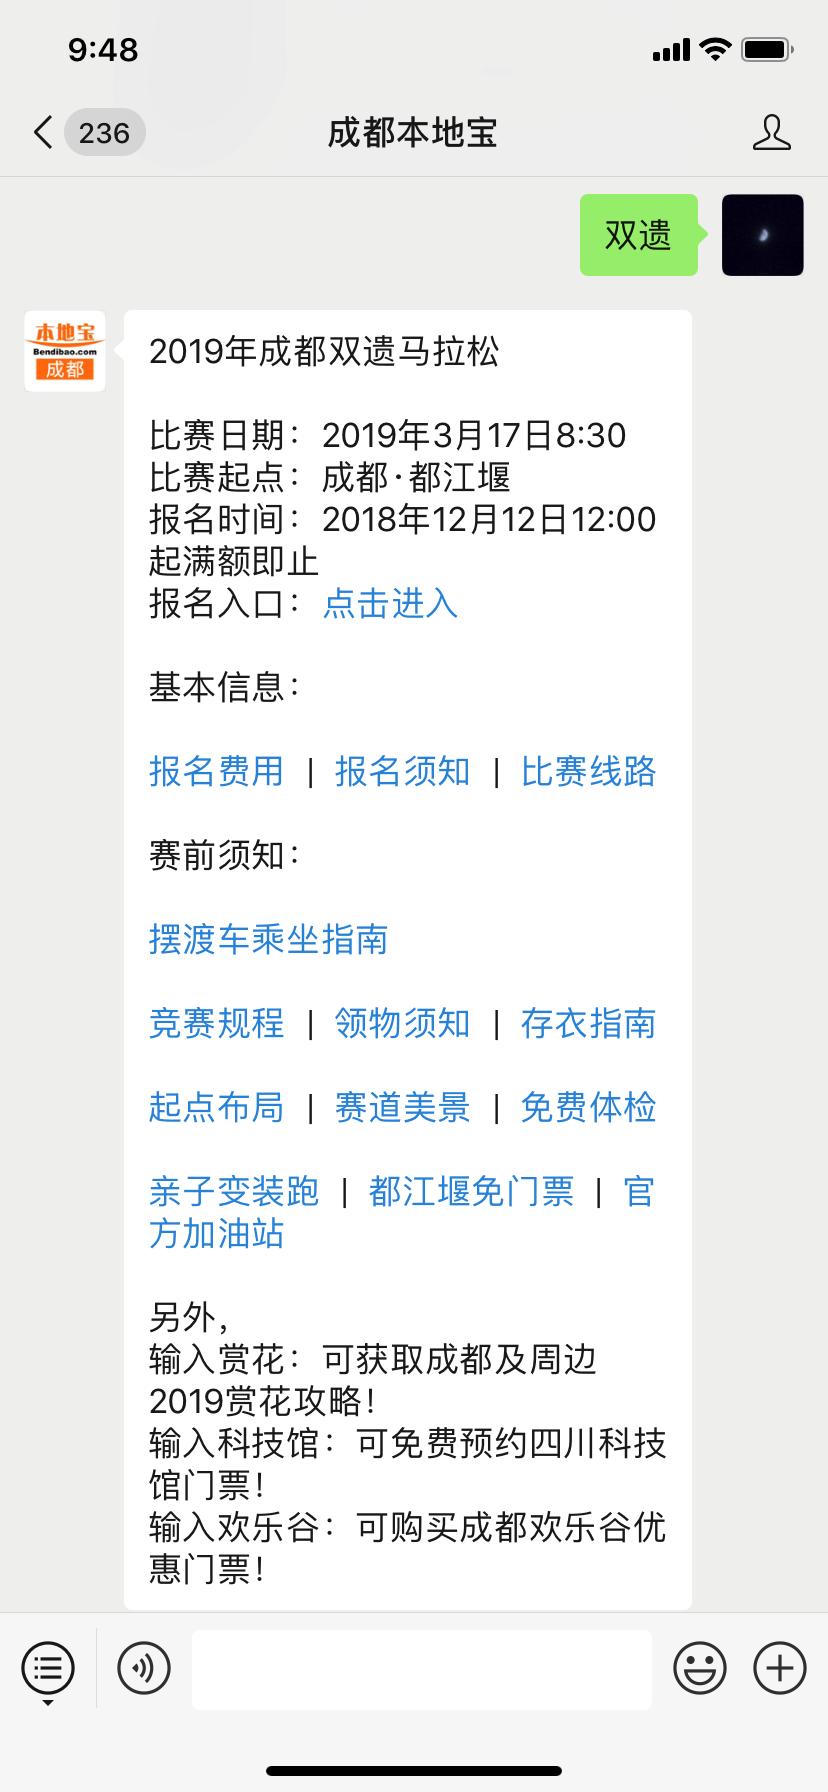 2019成都双遗马拉松攻略(时间 地点 线路)